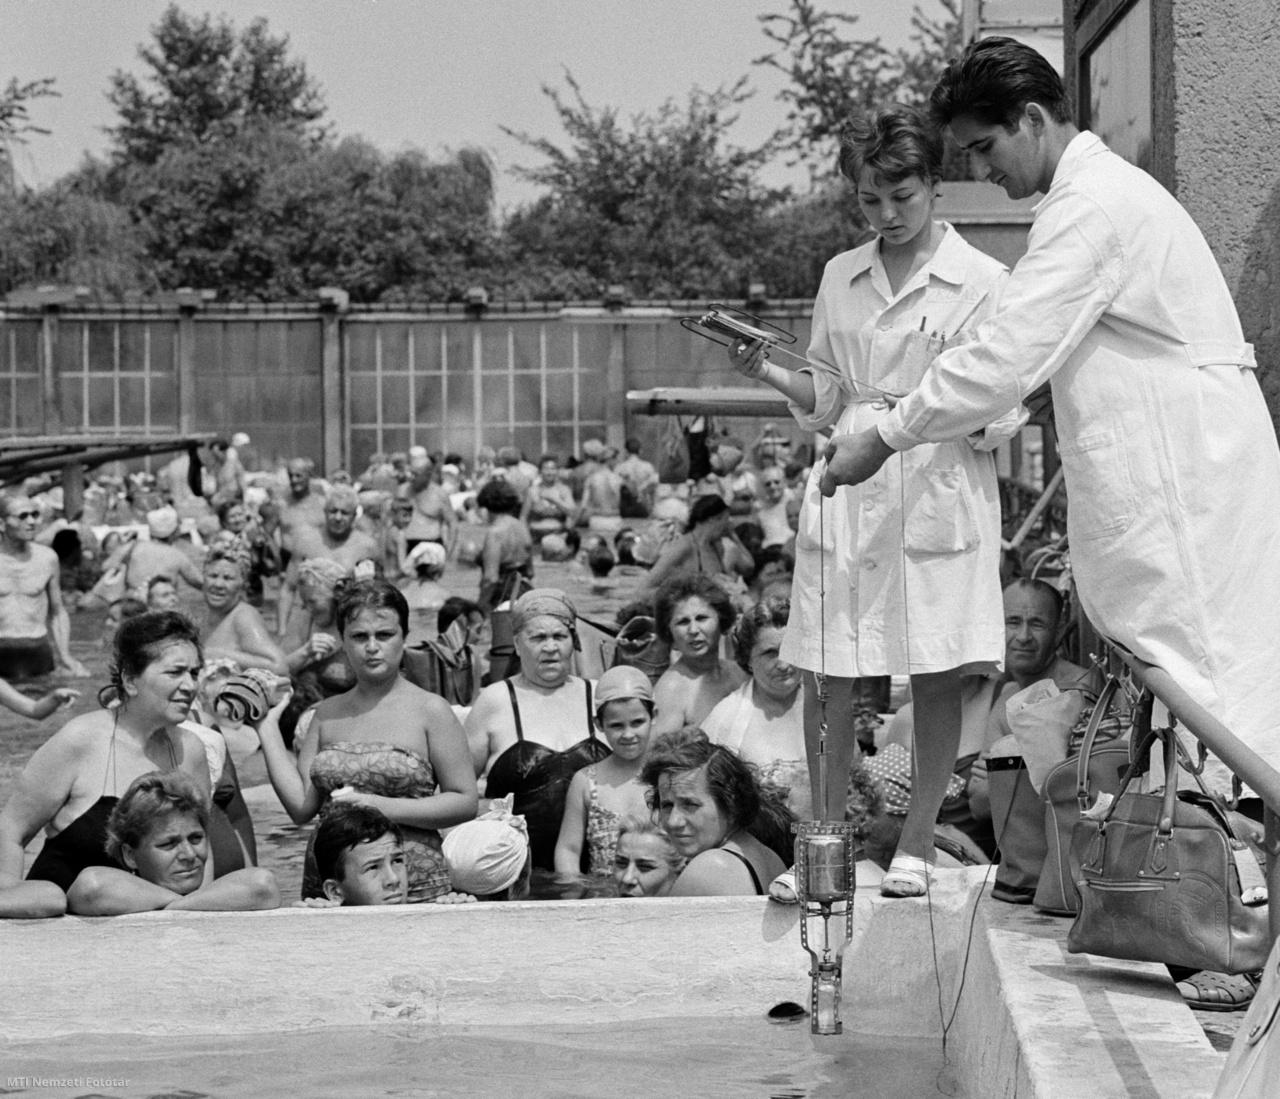 A Budapest Fővárosi Közegészségügyi és Járványügyi Állomásának egészségügyi ellenőrei ellenőrzik a Dagály utcai Szabadság Strandfürdő termálvizes medencéjében a vízminőséget 1964. július 23-án. A kánikulai melegben tízezrek keresik fel a budapesti strandokat ezért fokozott gondossággal ügyelnek a területek és medencék vízének tisztaságára.